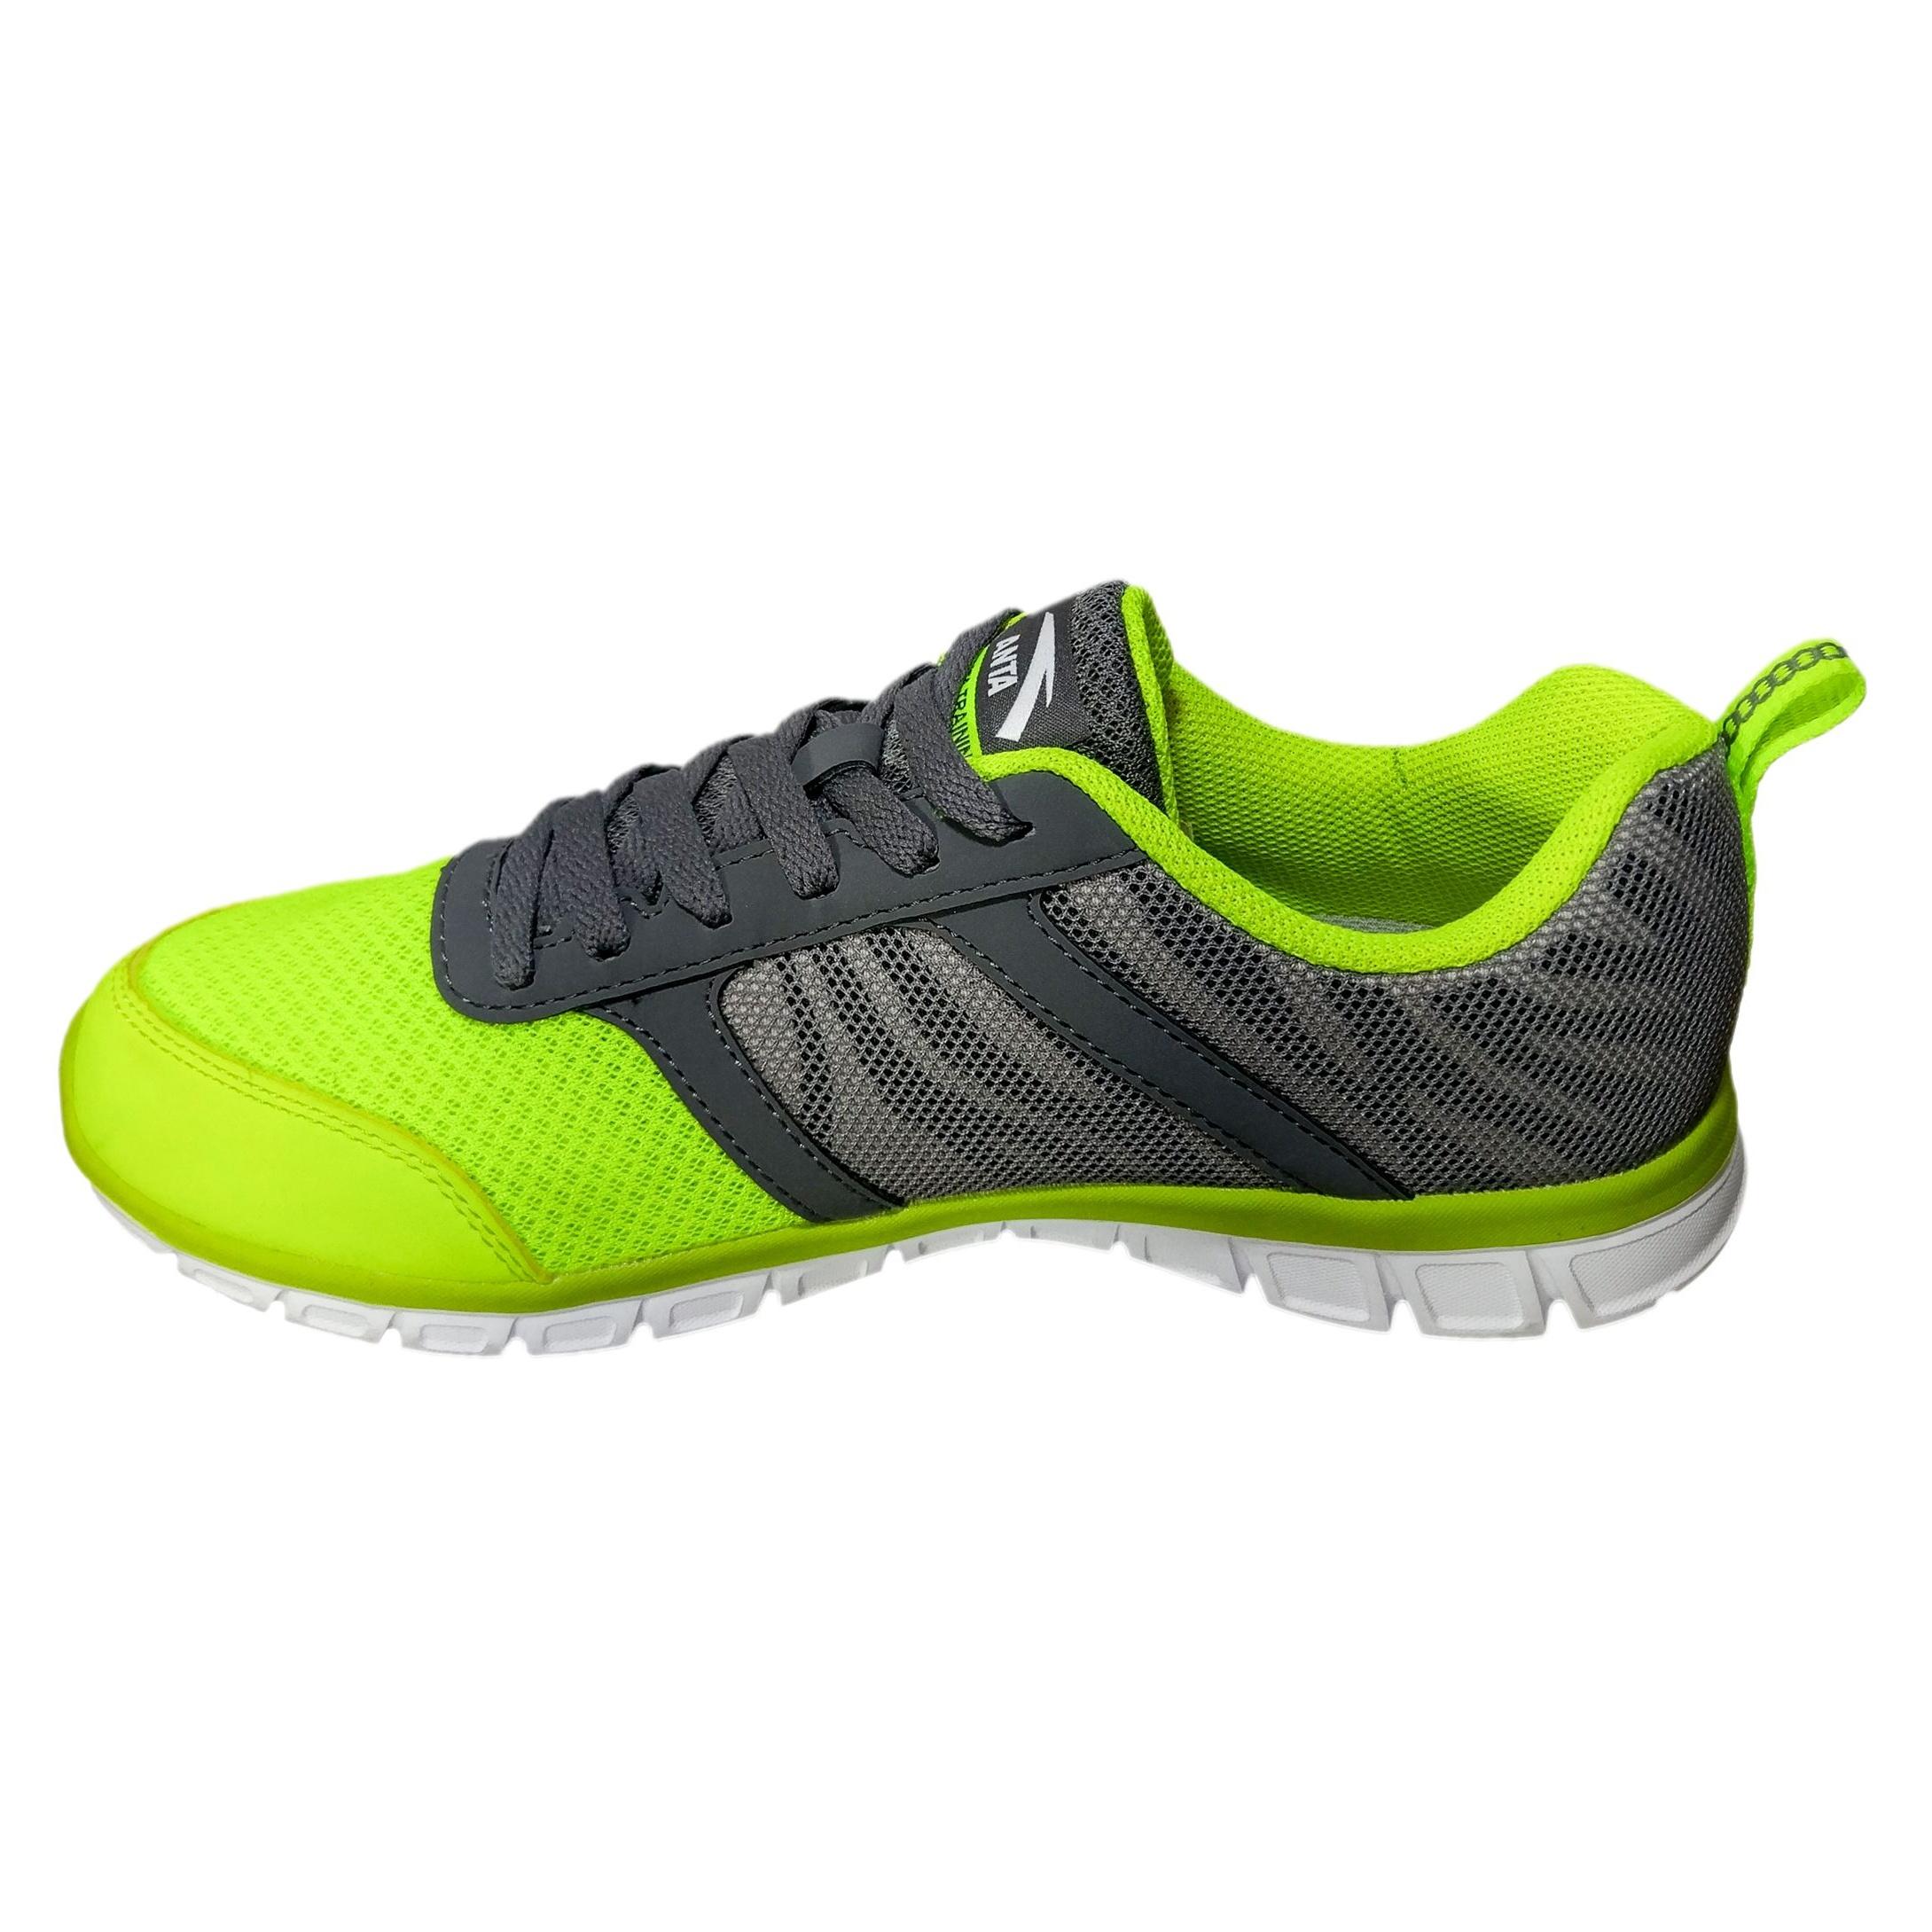 کفش مخصوص دویدن مردانه آنتا کد 81517760-3